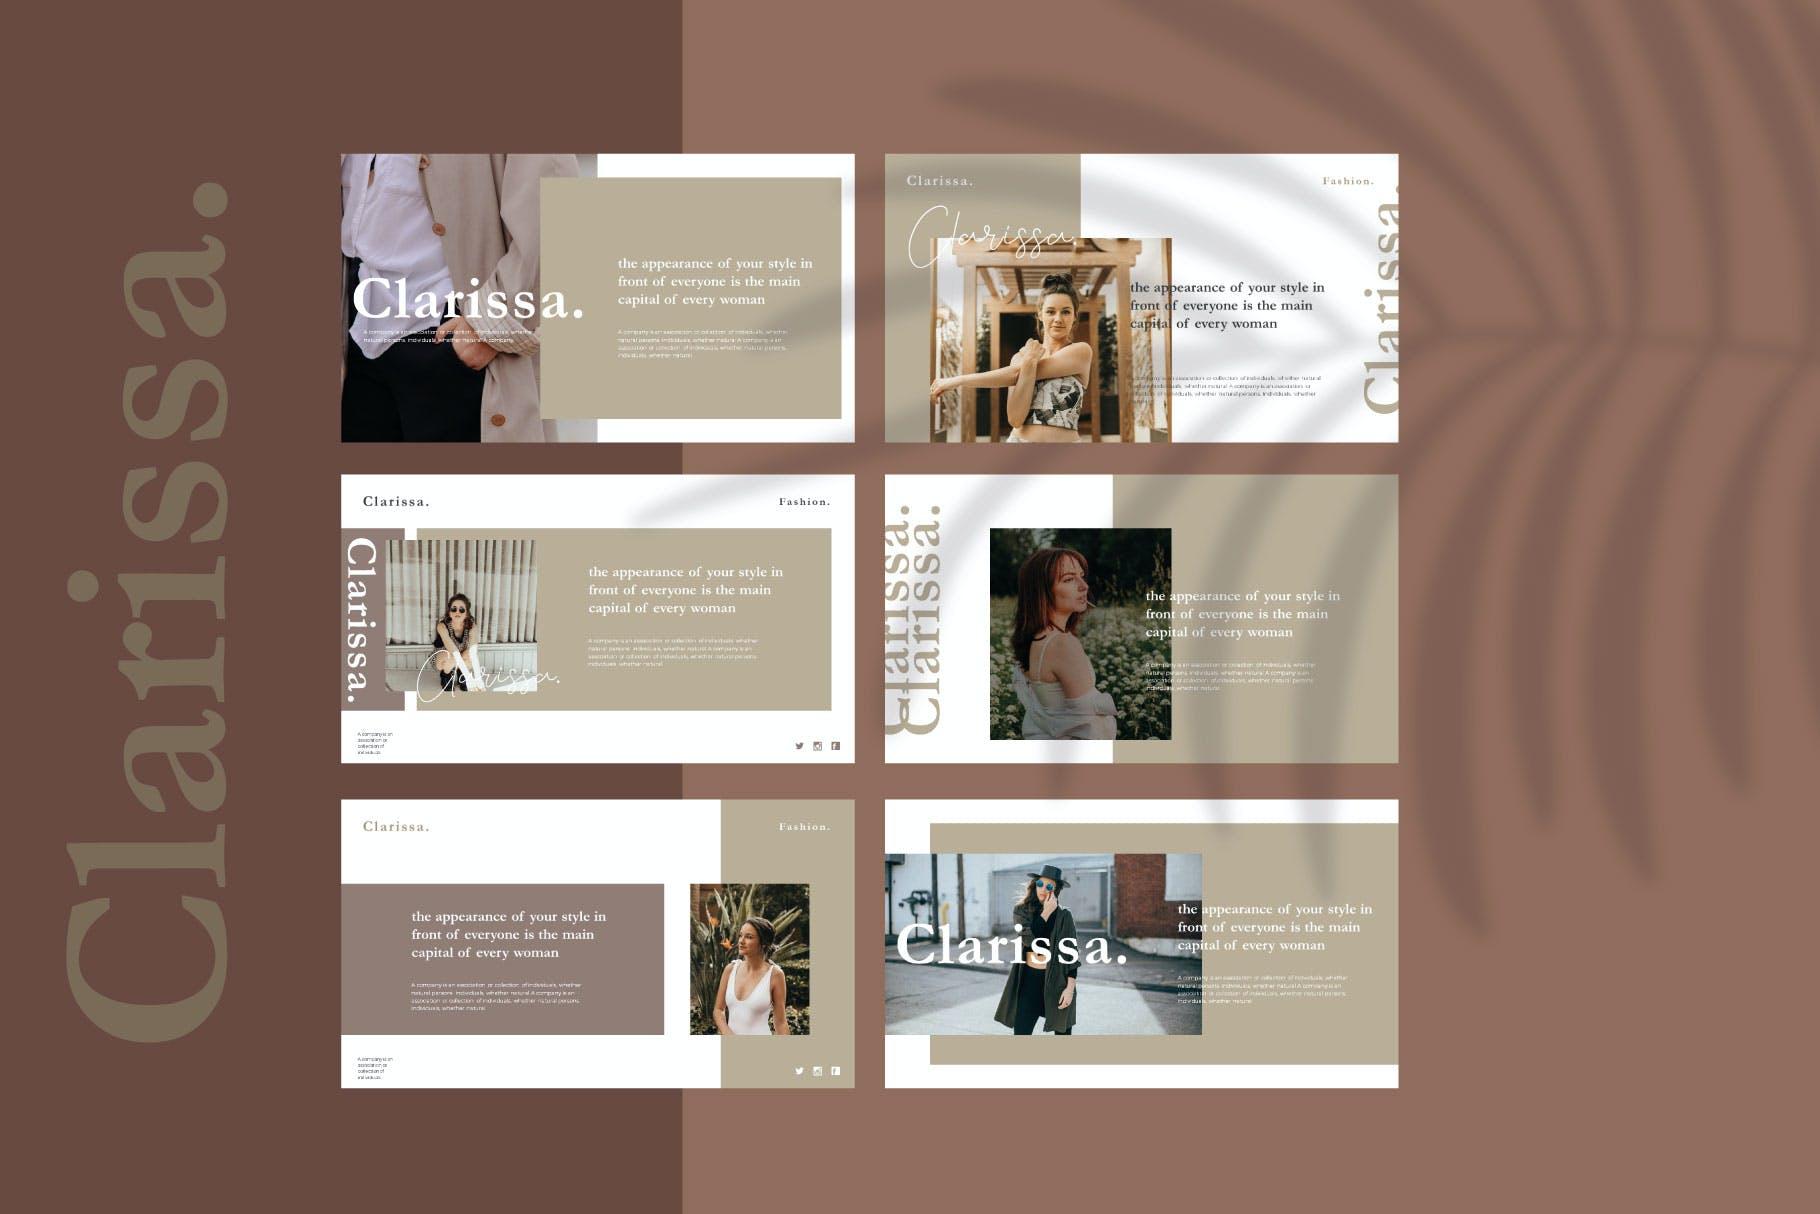 时尚简约摄影作品集图文排版幻灯片设计模板 Clarissa Bundle Presentation插图4